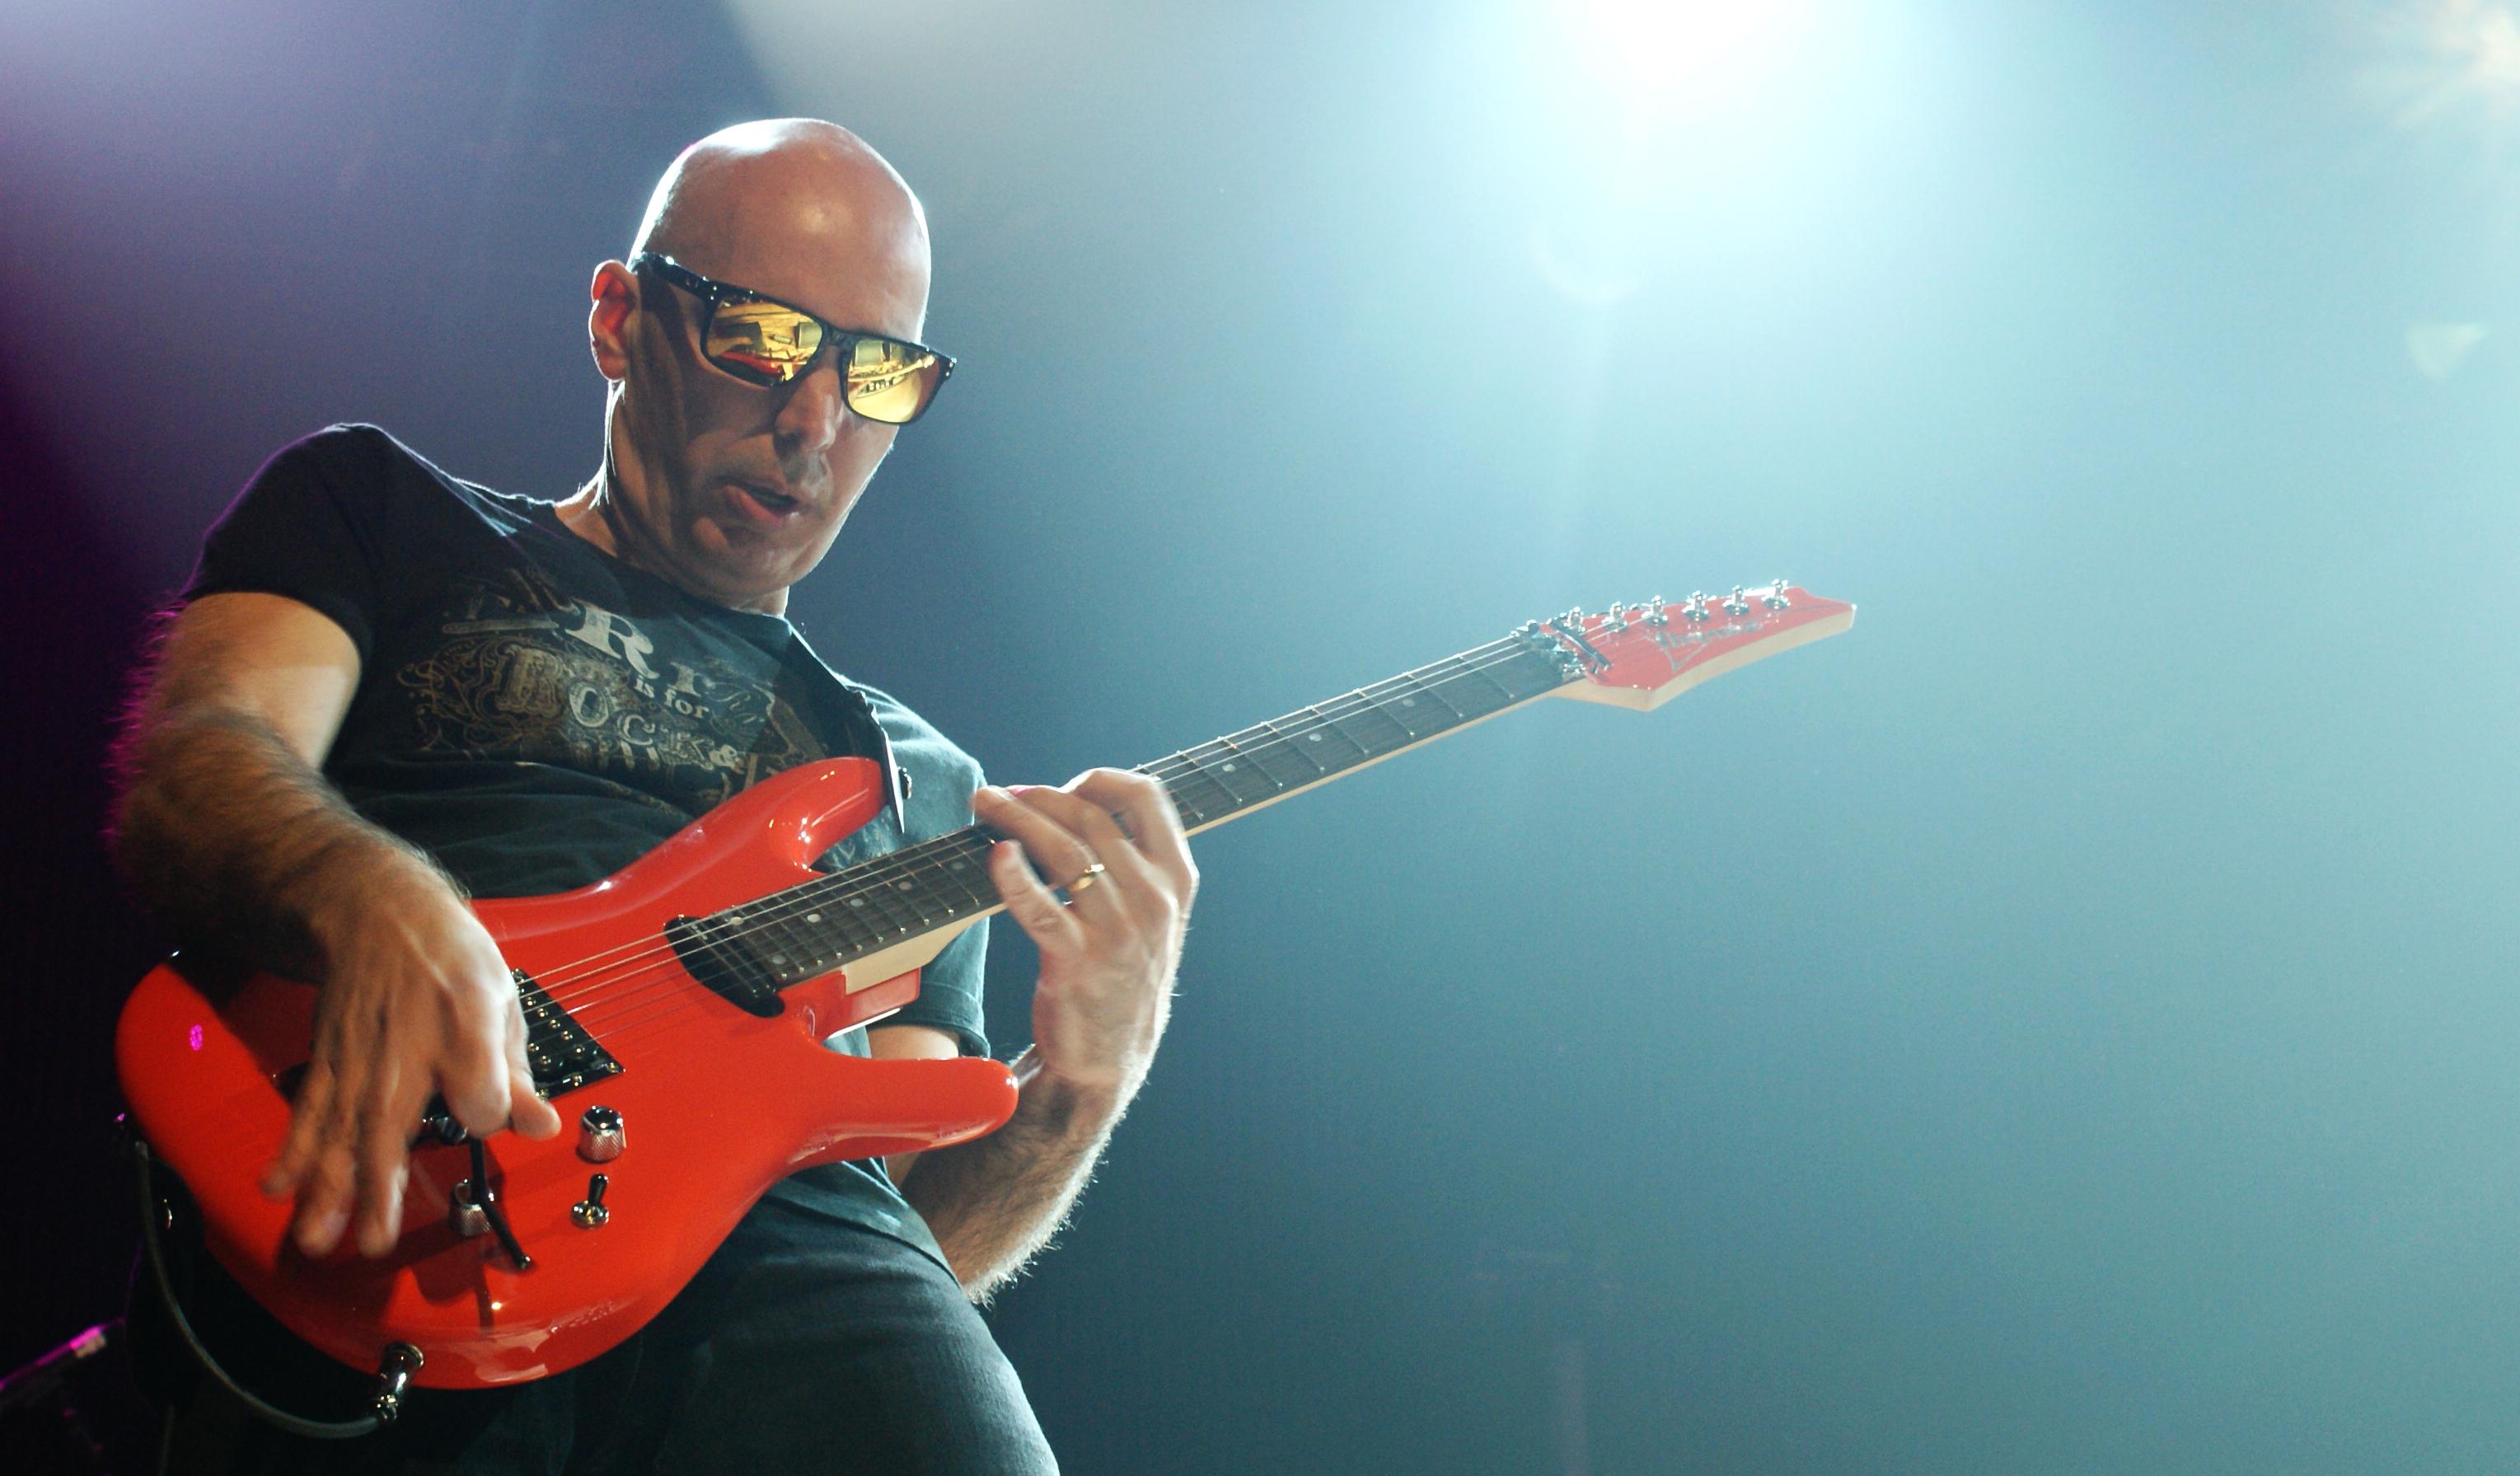 Joe Satriani by joewinn 3058x1791